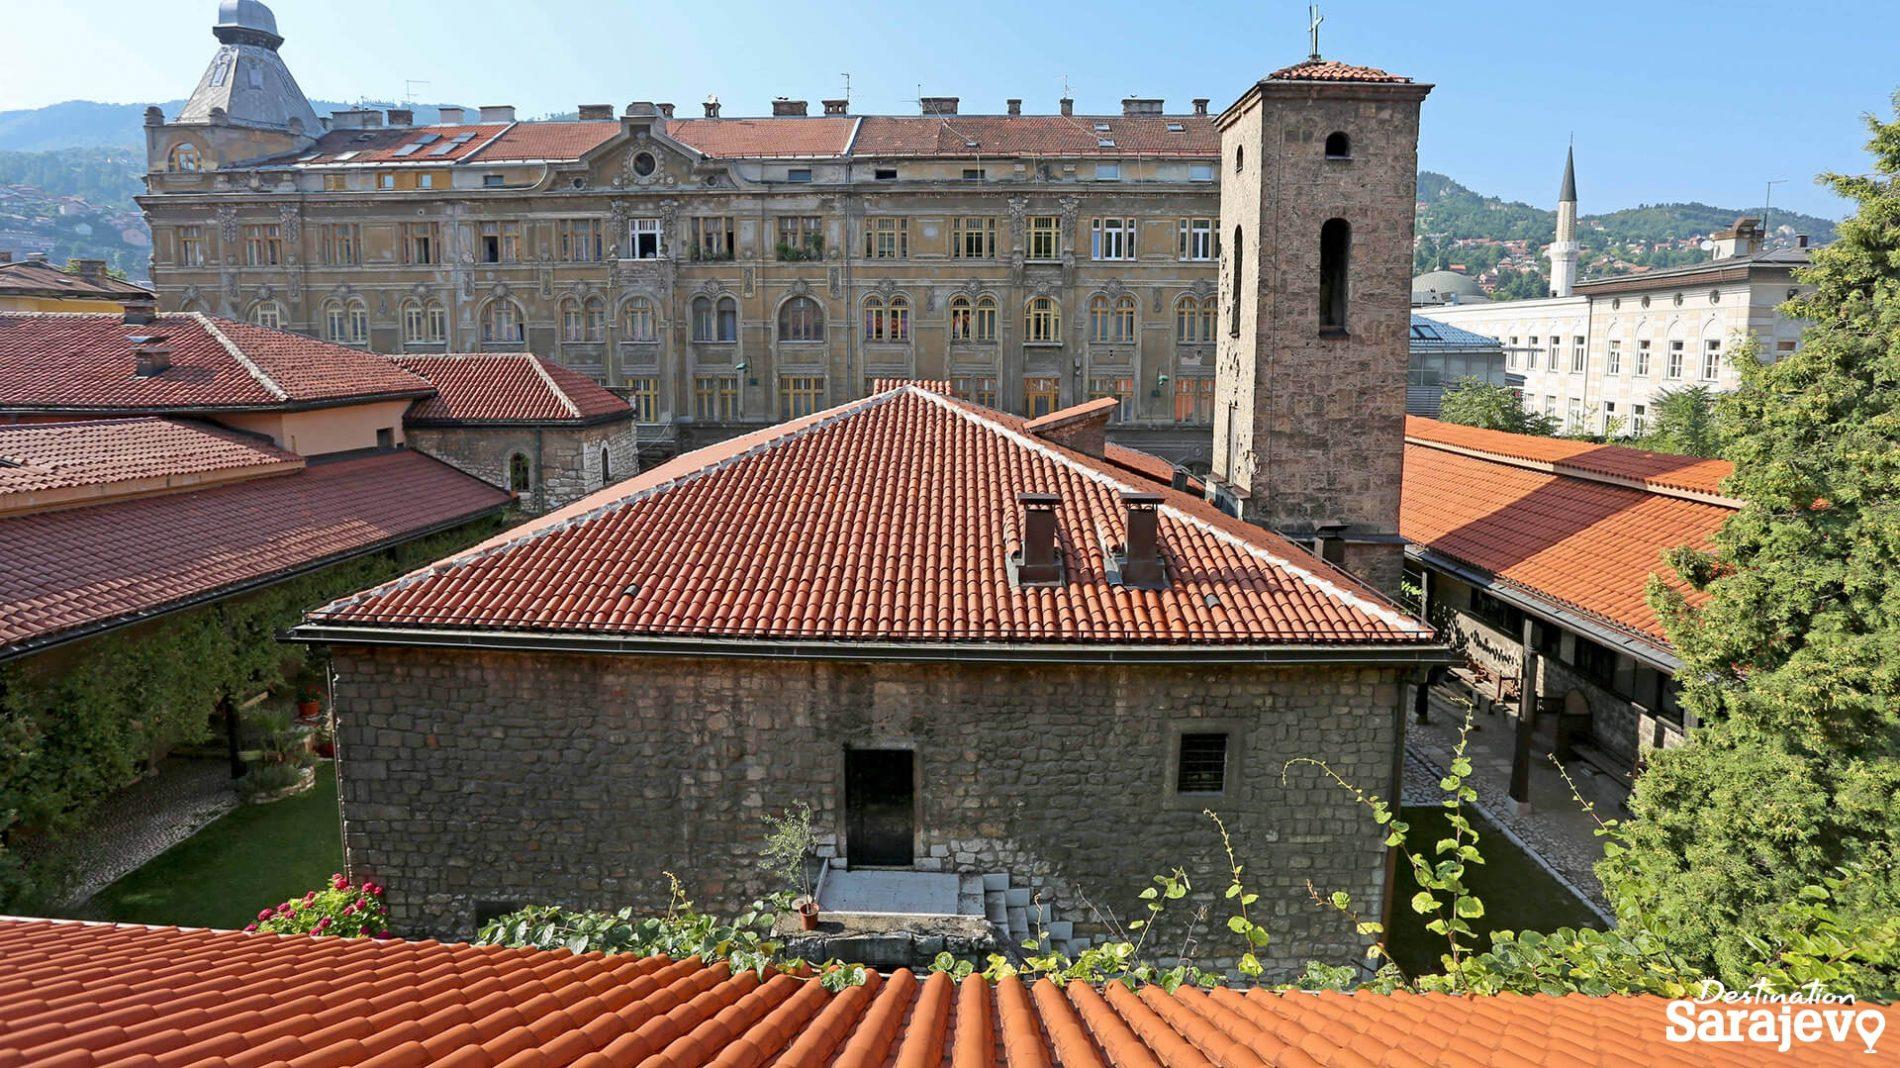 Muzej Stare pravoslavne crkve u Sarajevu, peti u svijetu po vrijednosti eksponata (Video)